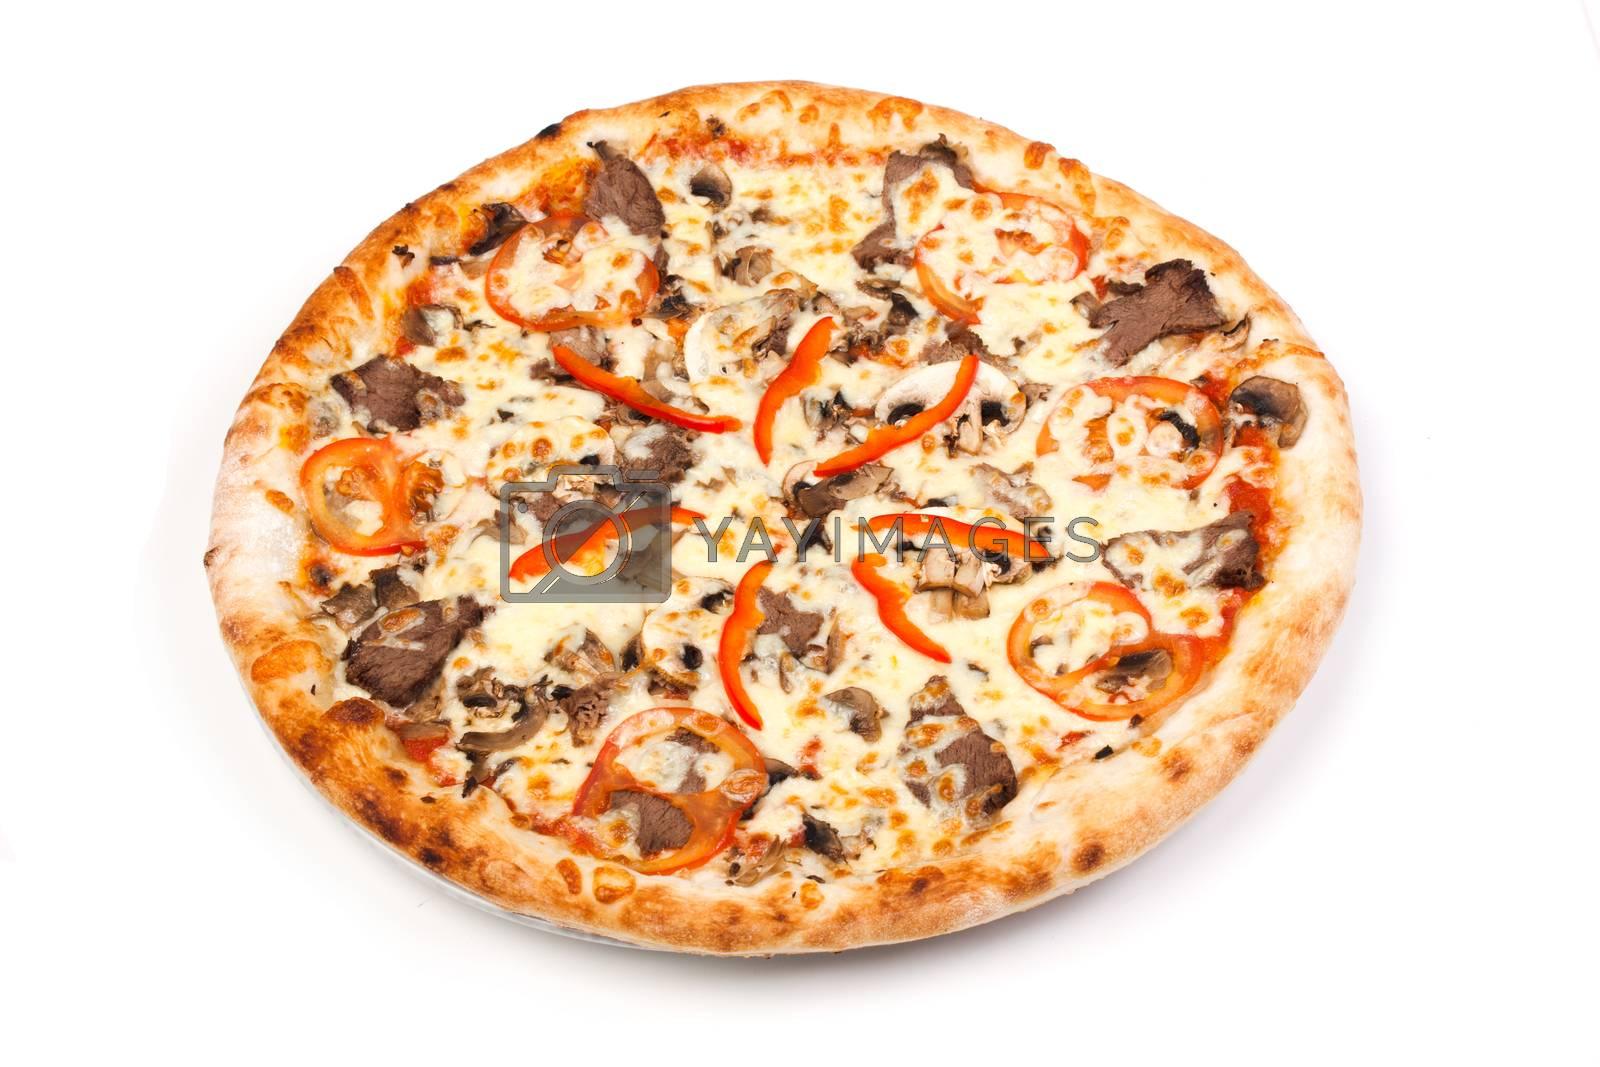 Royalty free image of Italian pizza by oleg_zhukov